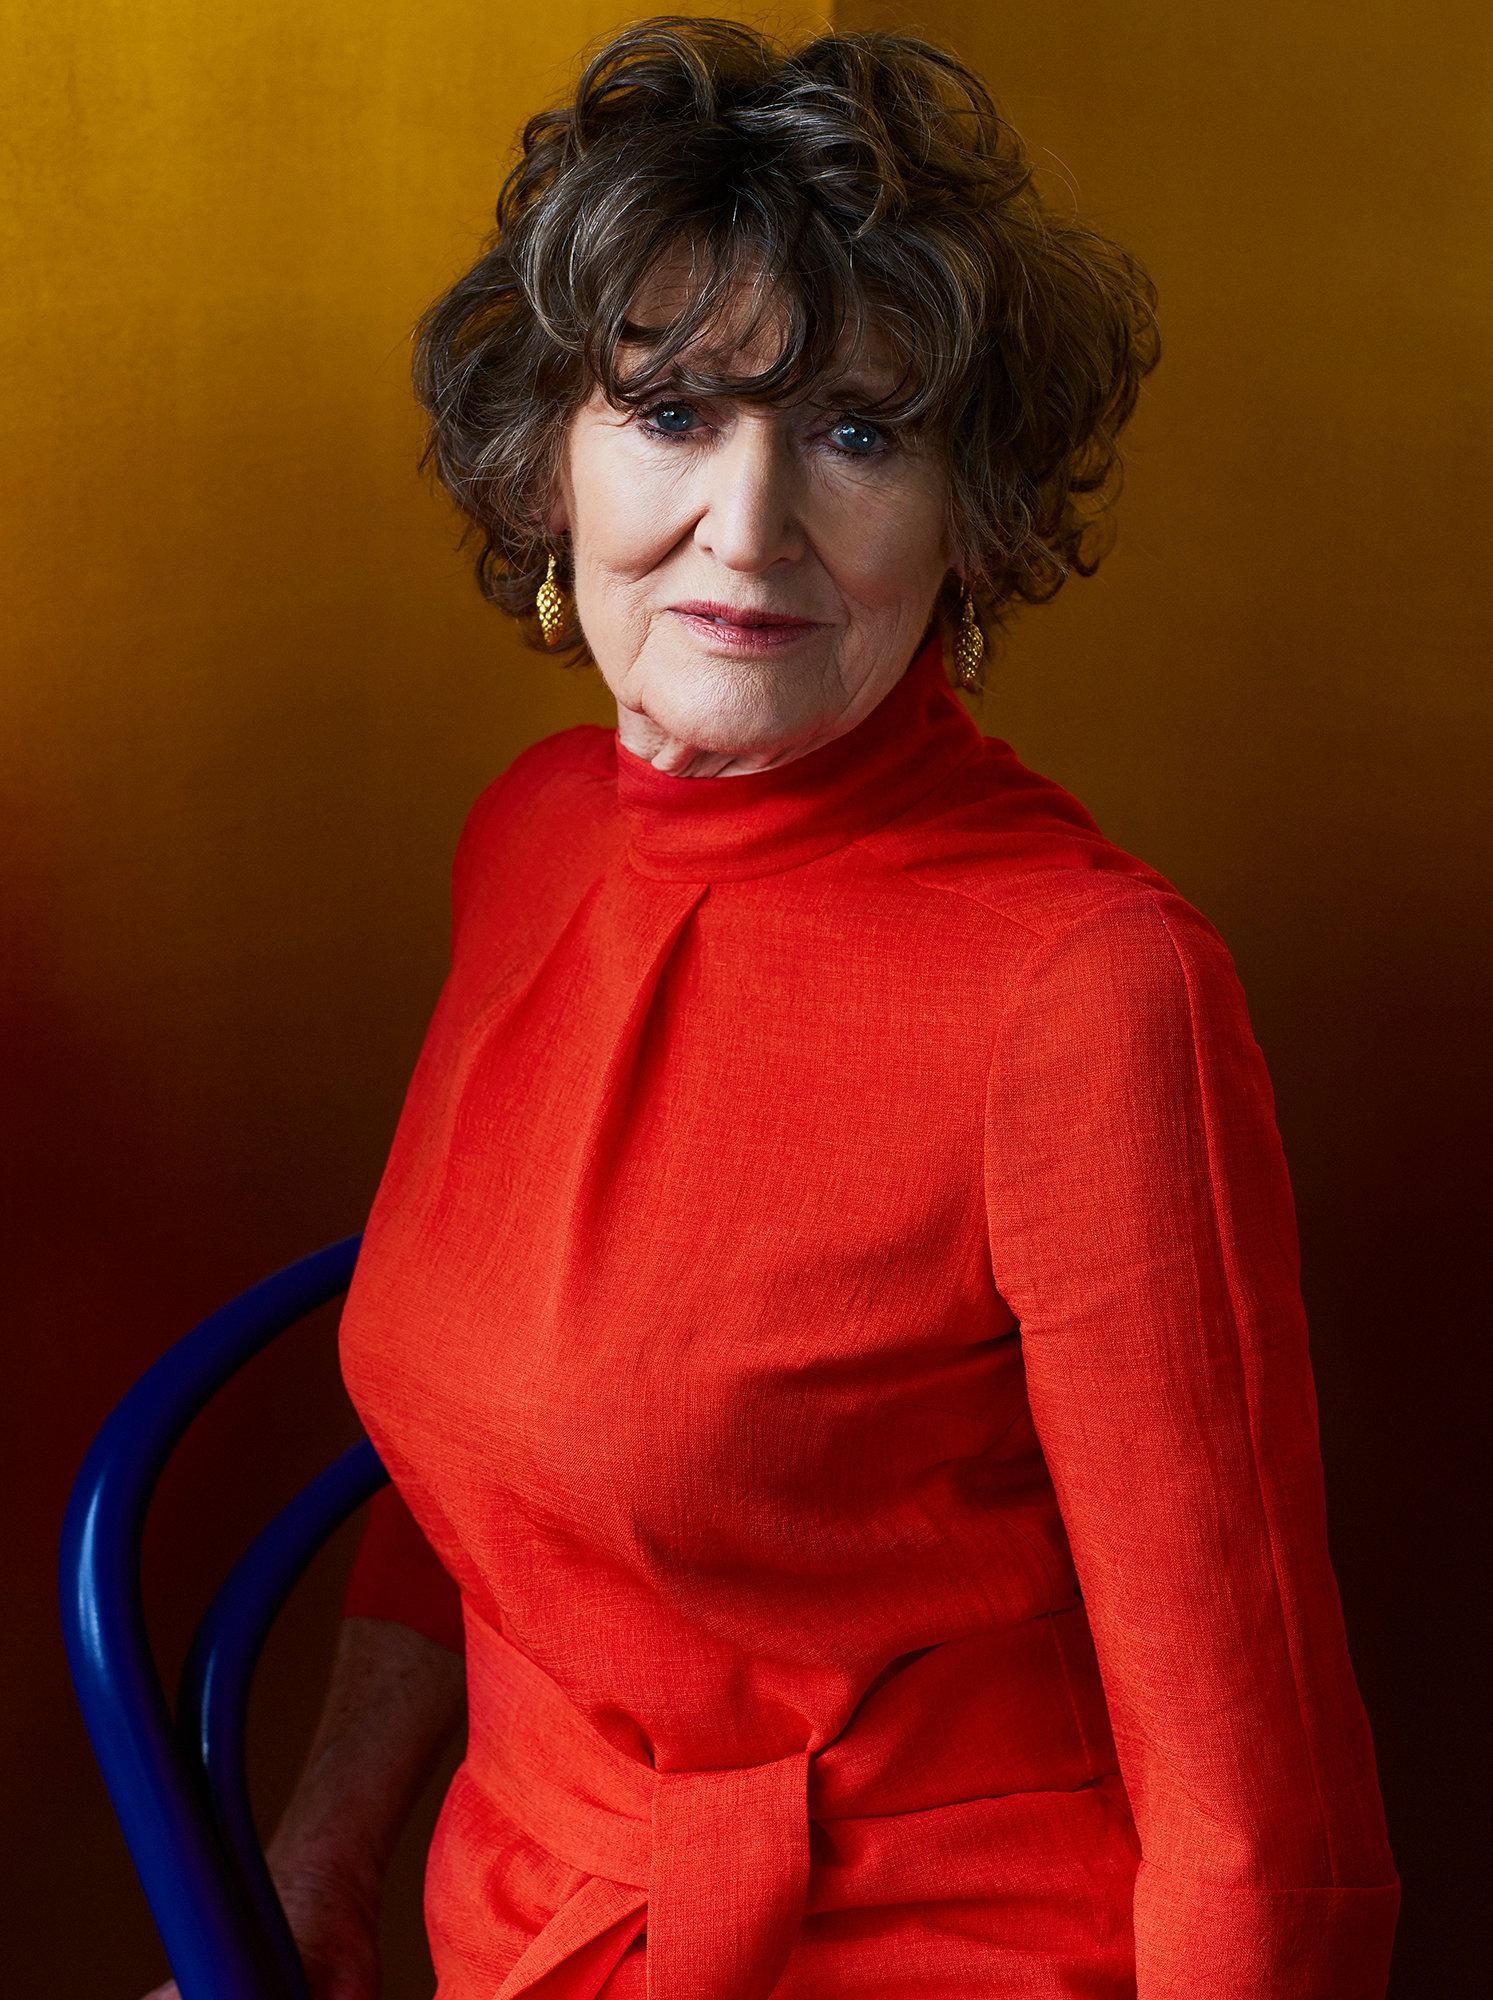 Hedy d' Ancona for Harpers Bazaar NL